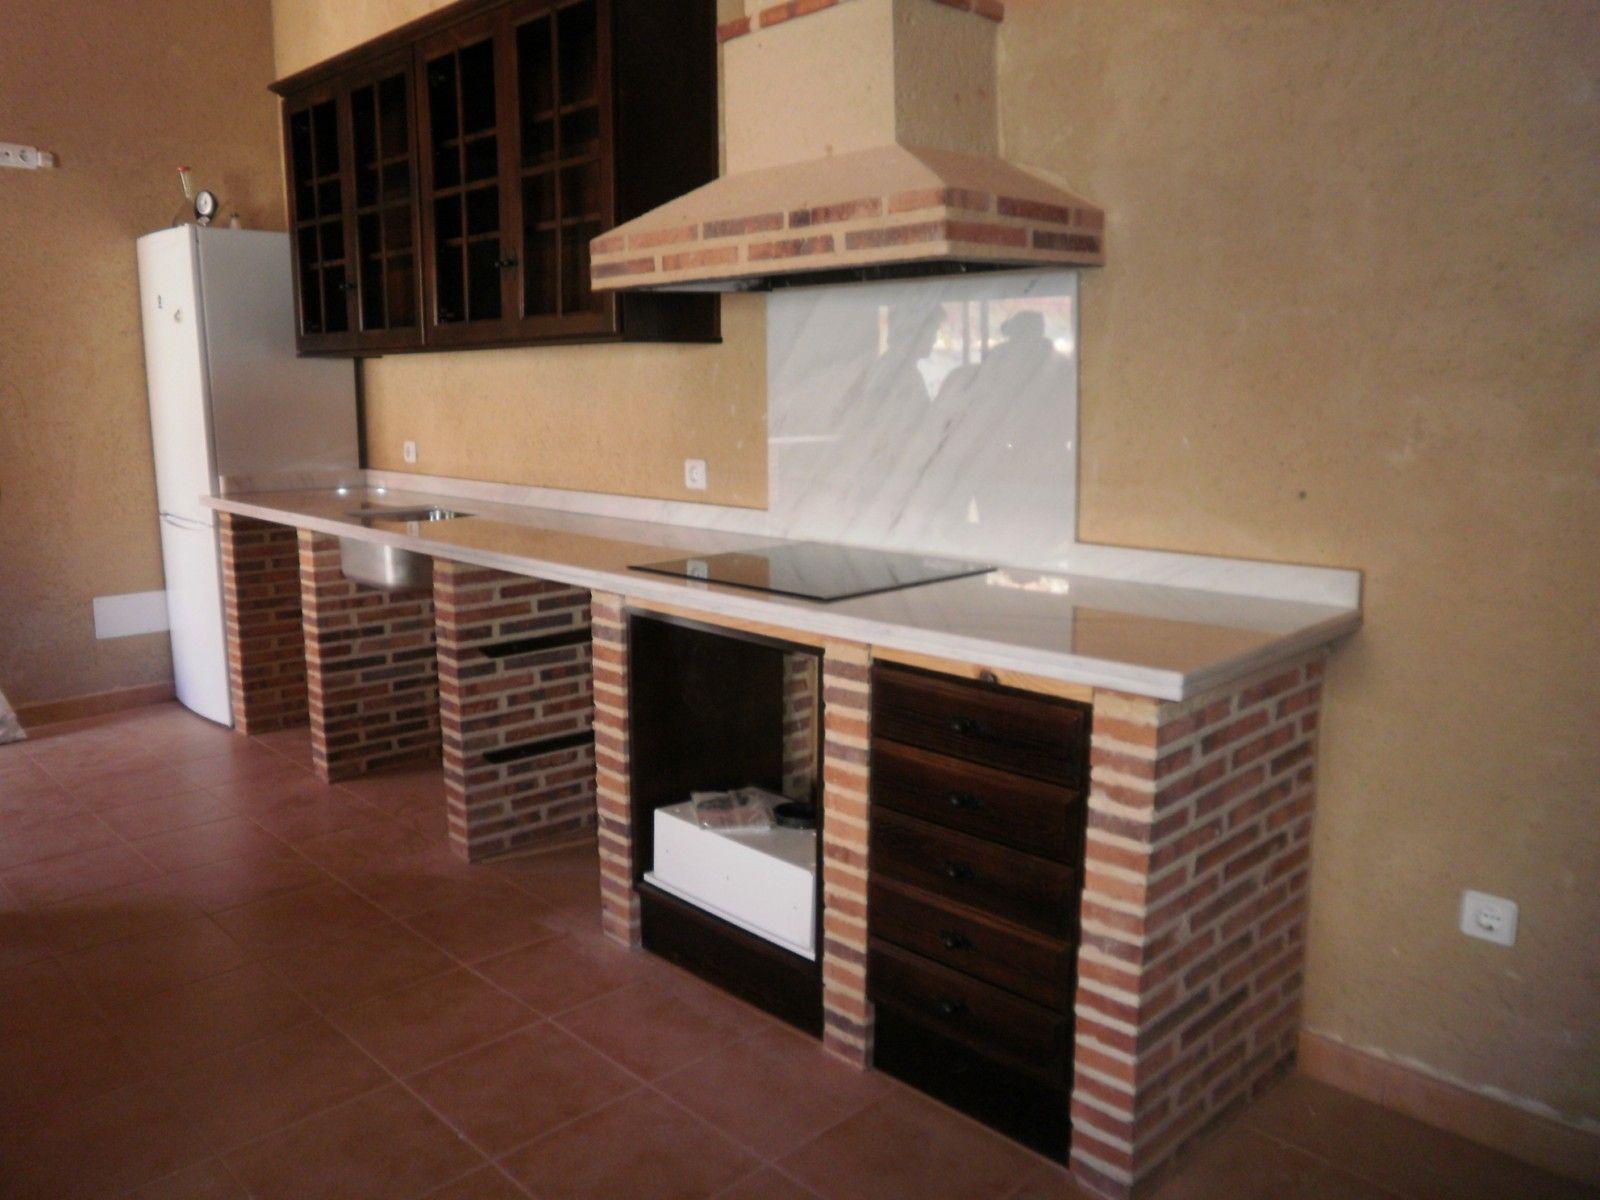 Cocinas r sticas de ladrillo buscar con google for Muebles de cocina de ladrillos imagenes